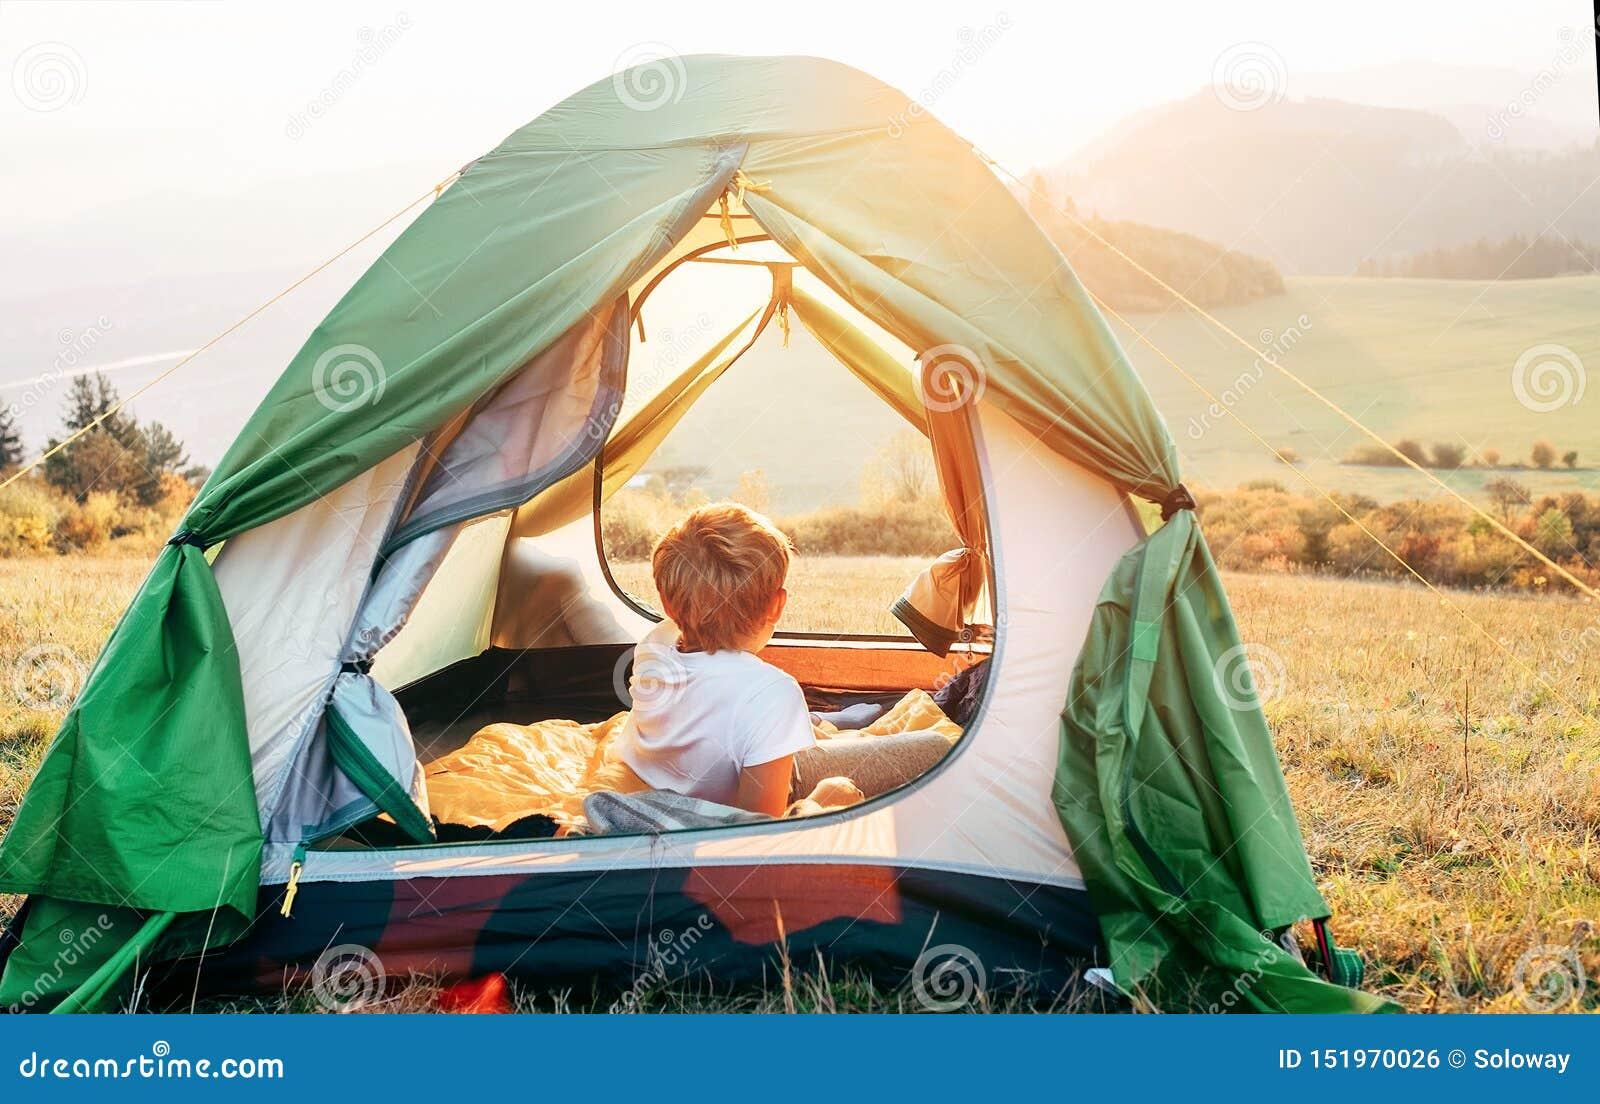 O resto do menino na barraca de acampamento e aprecia com luz do por do sol no vale da montanha